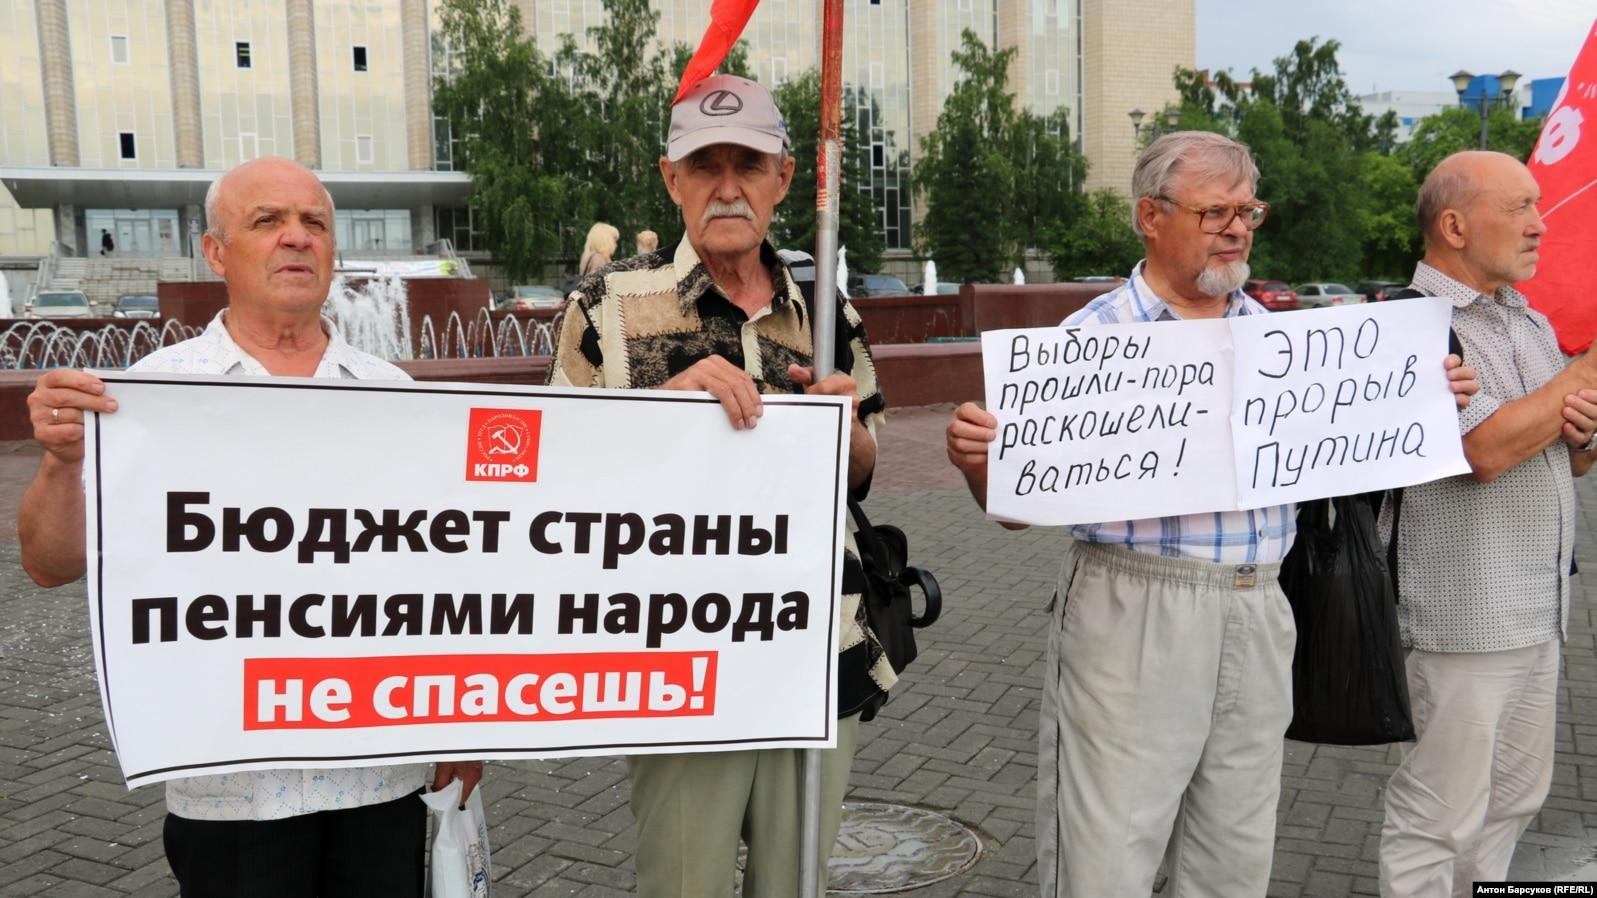 В Новосибирске прошел пикет против повышения пенсионного возраста